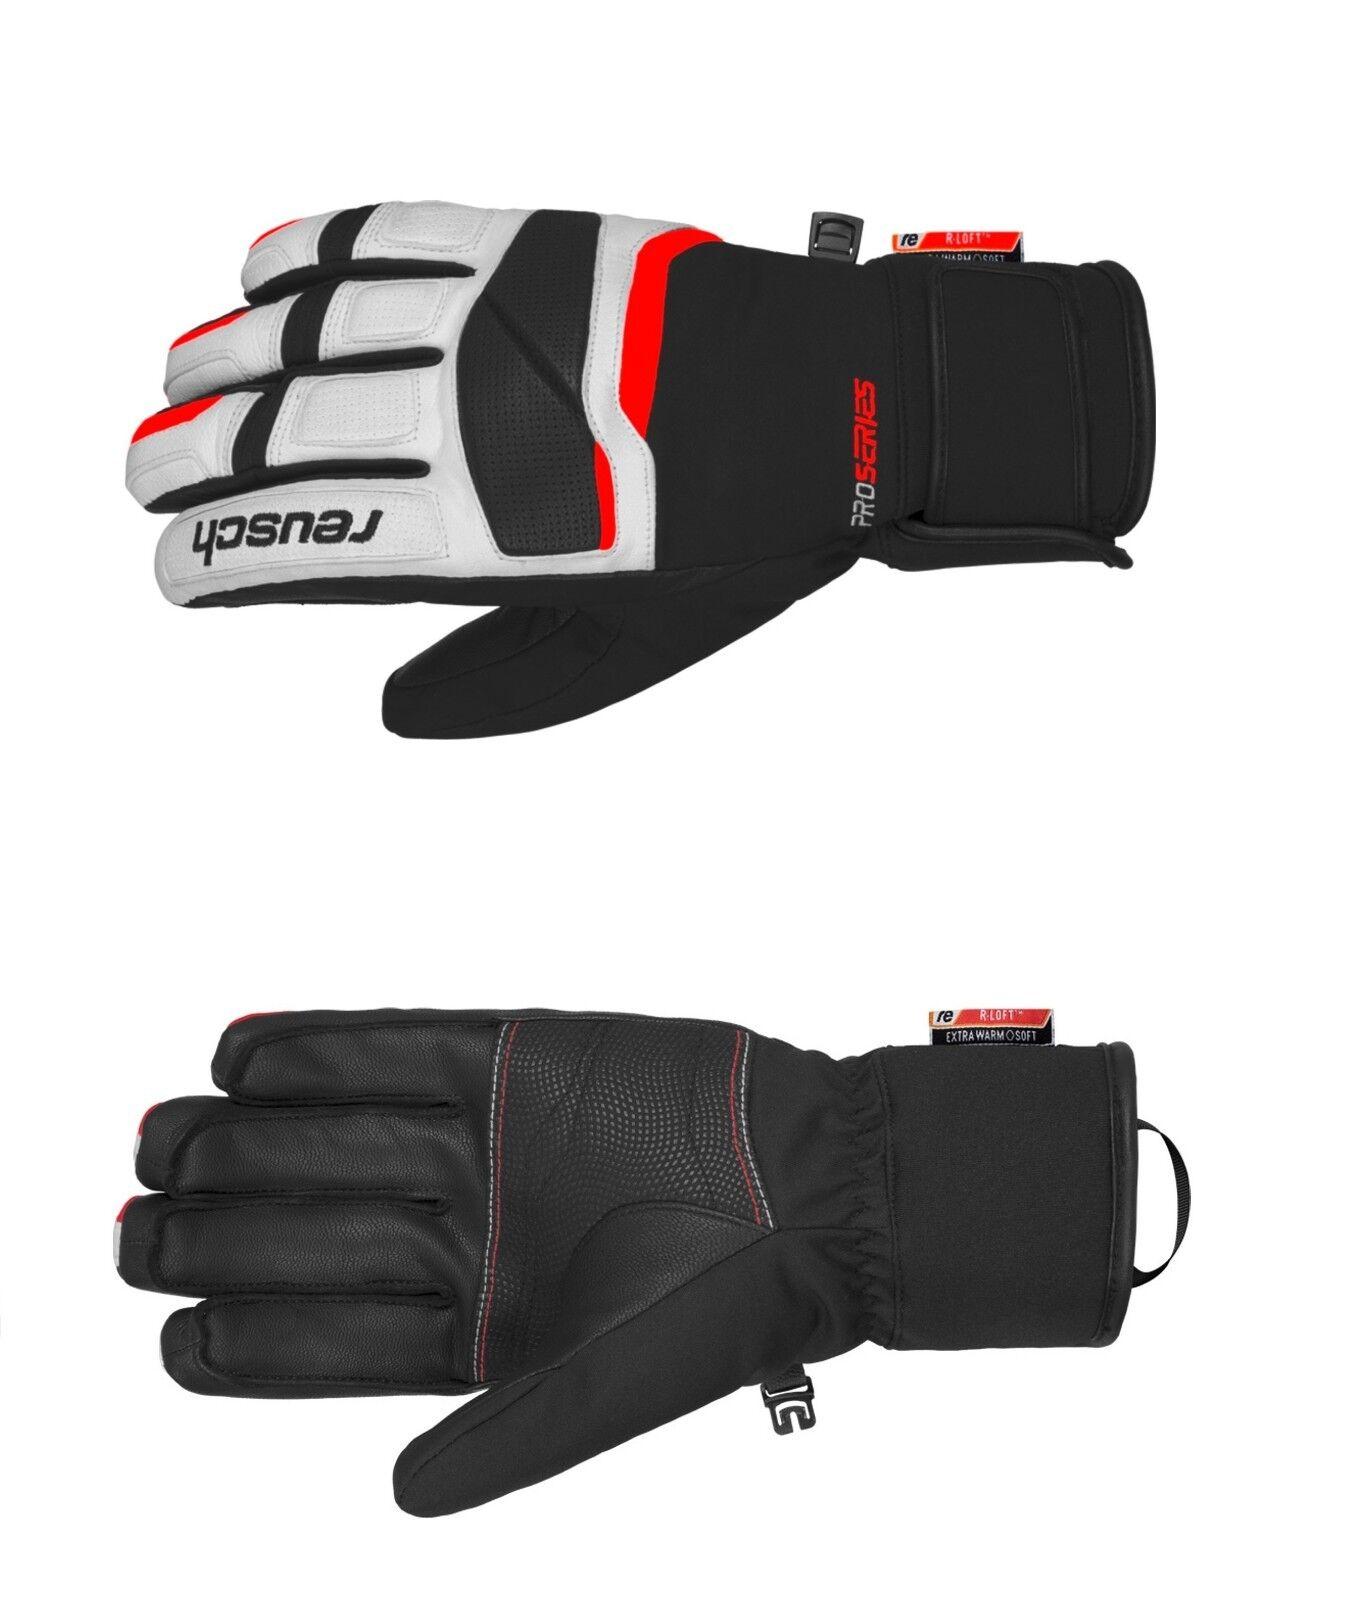 Reusch Mastery schwarz weiß rot Skihandschuhe 4801120745 Handschuhe 2019